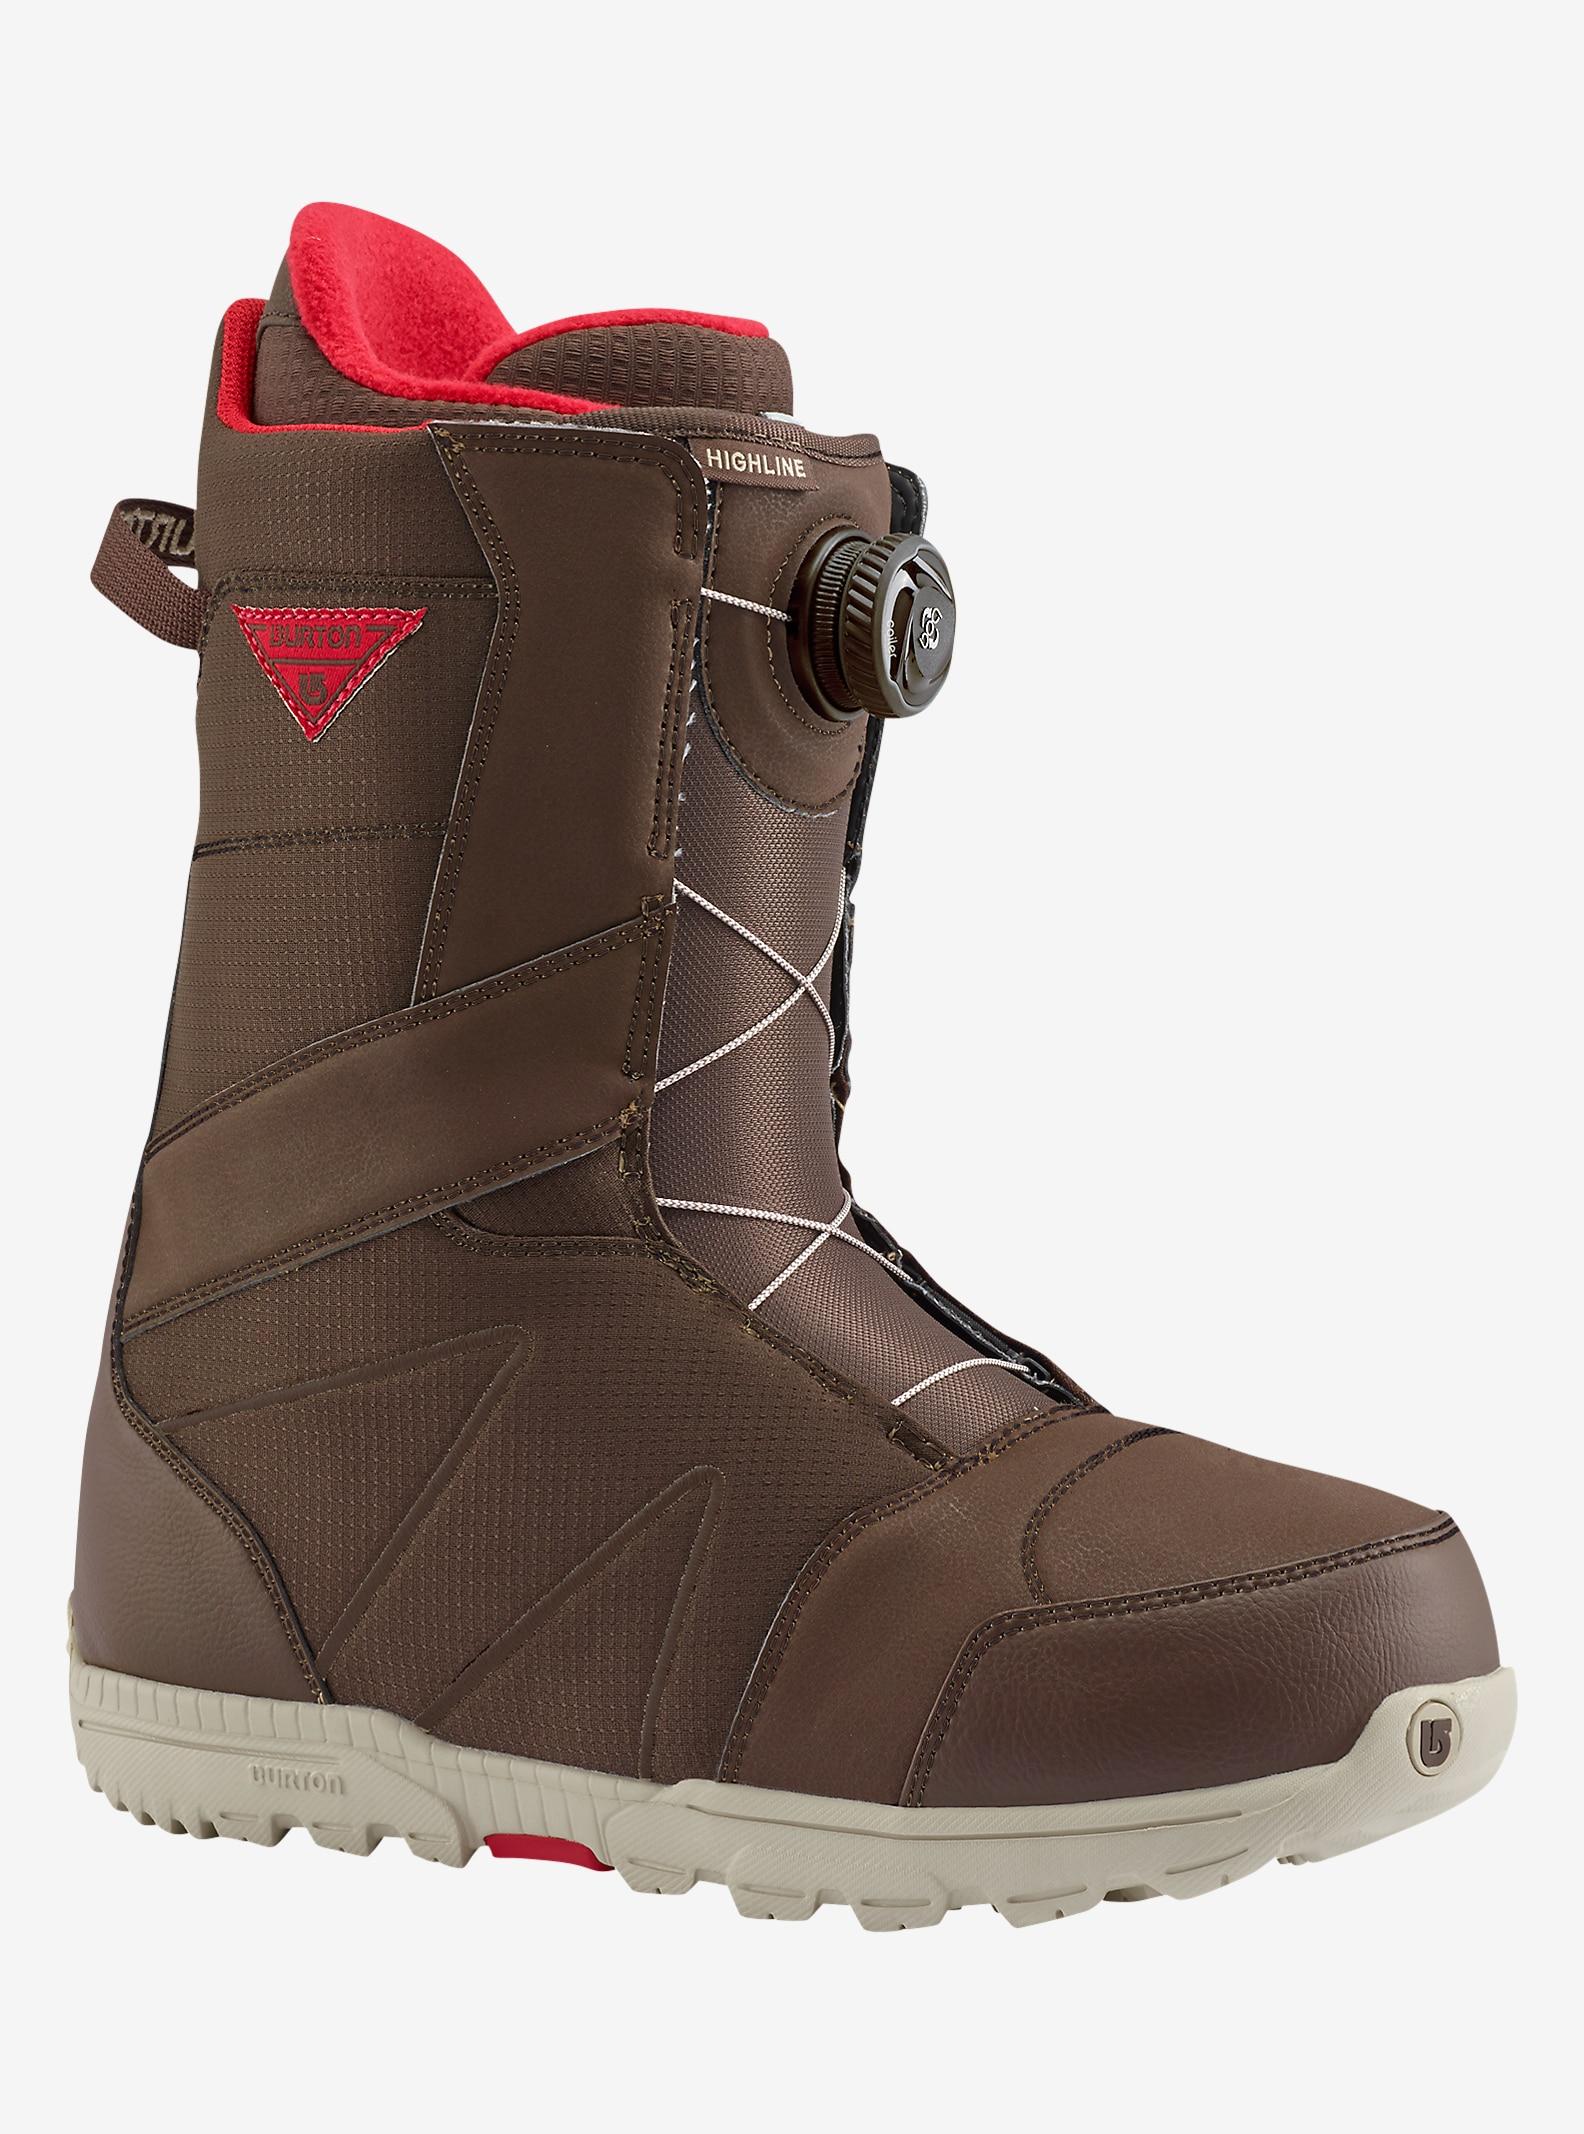 Burton Highline Boa® Snowboard Boot shown in Brown